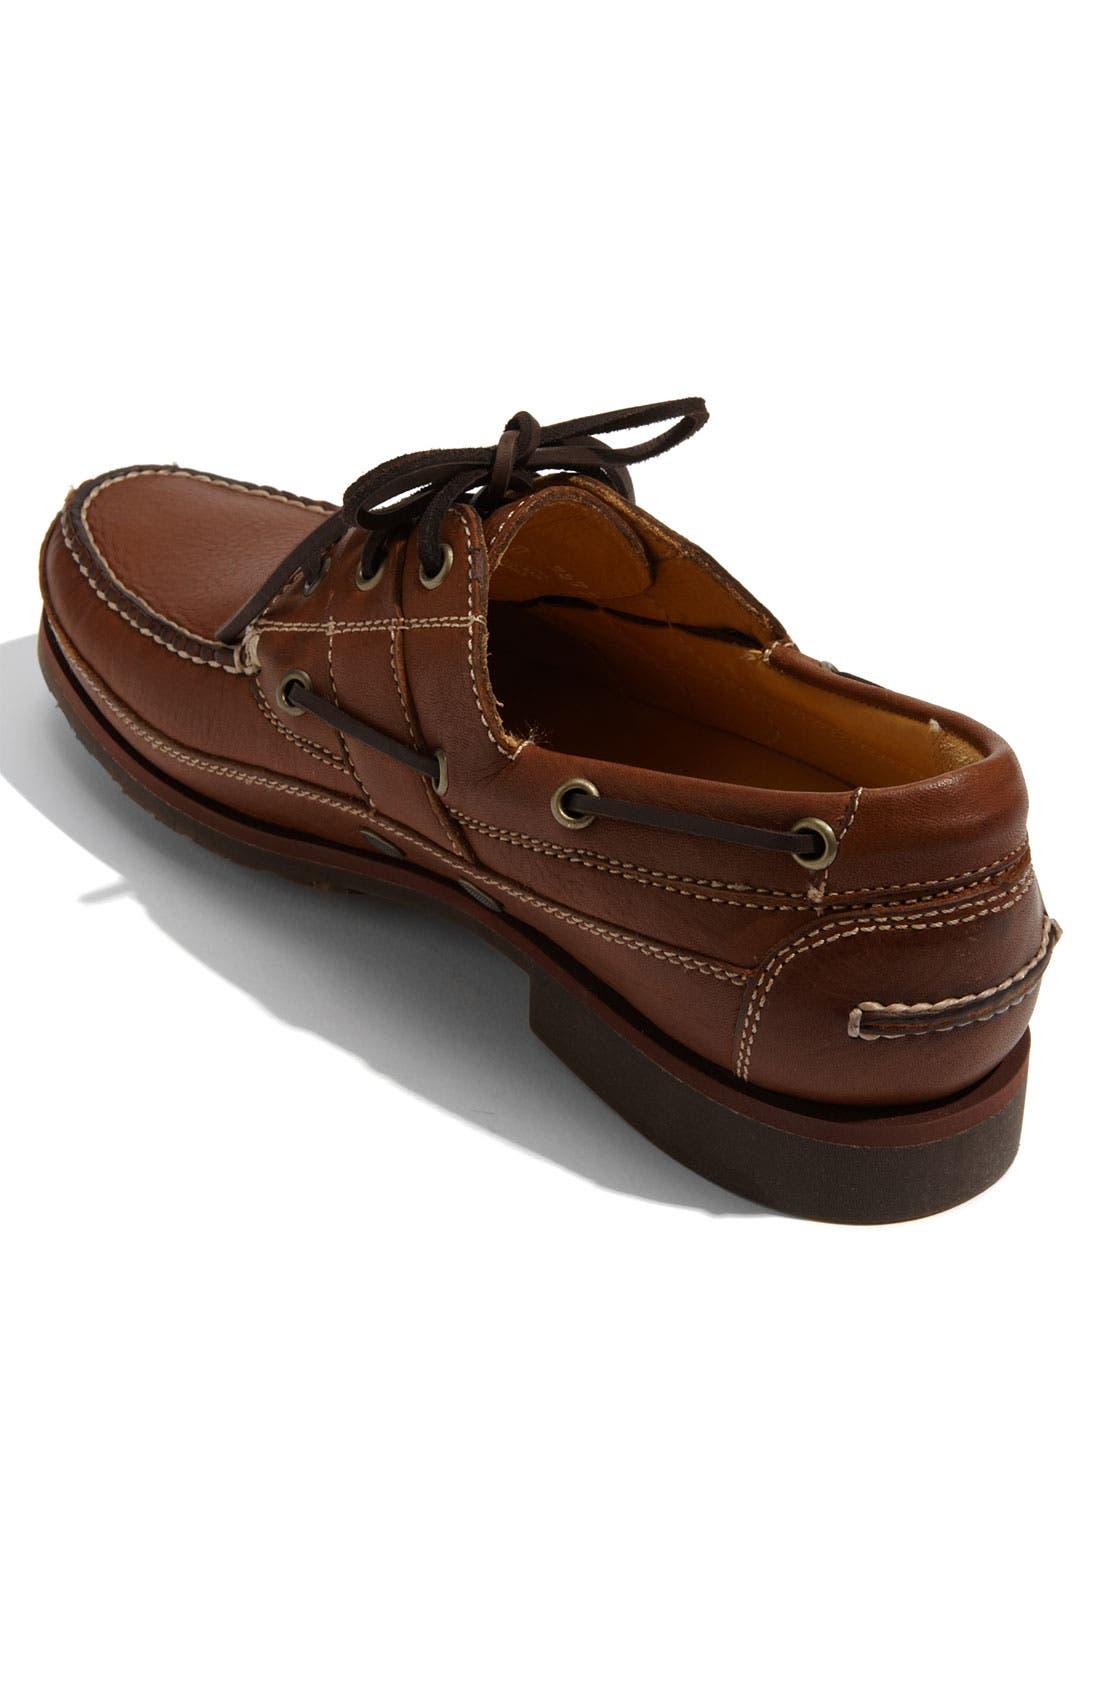 'Bridgeport' Boat Shoe,                             Alternate thumbnail 2, color,                             210